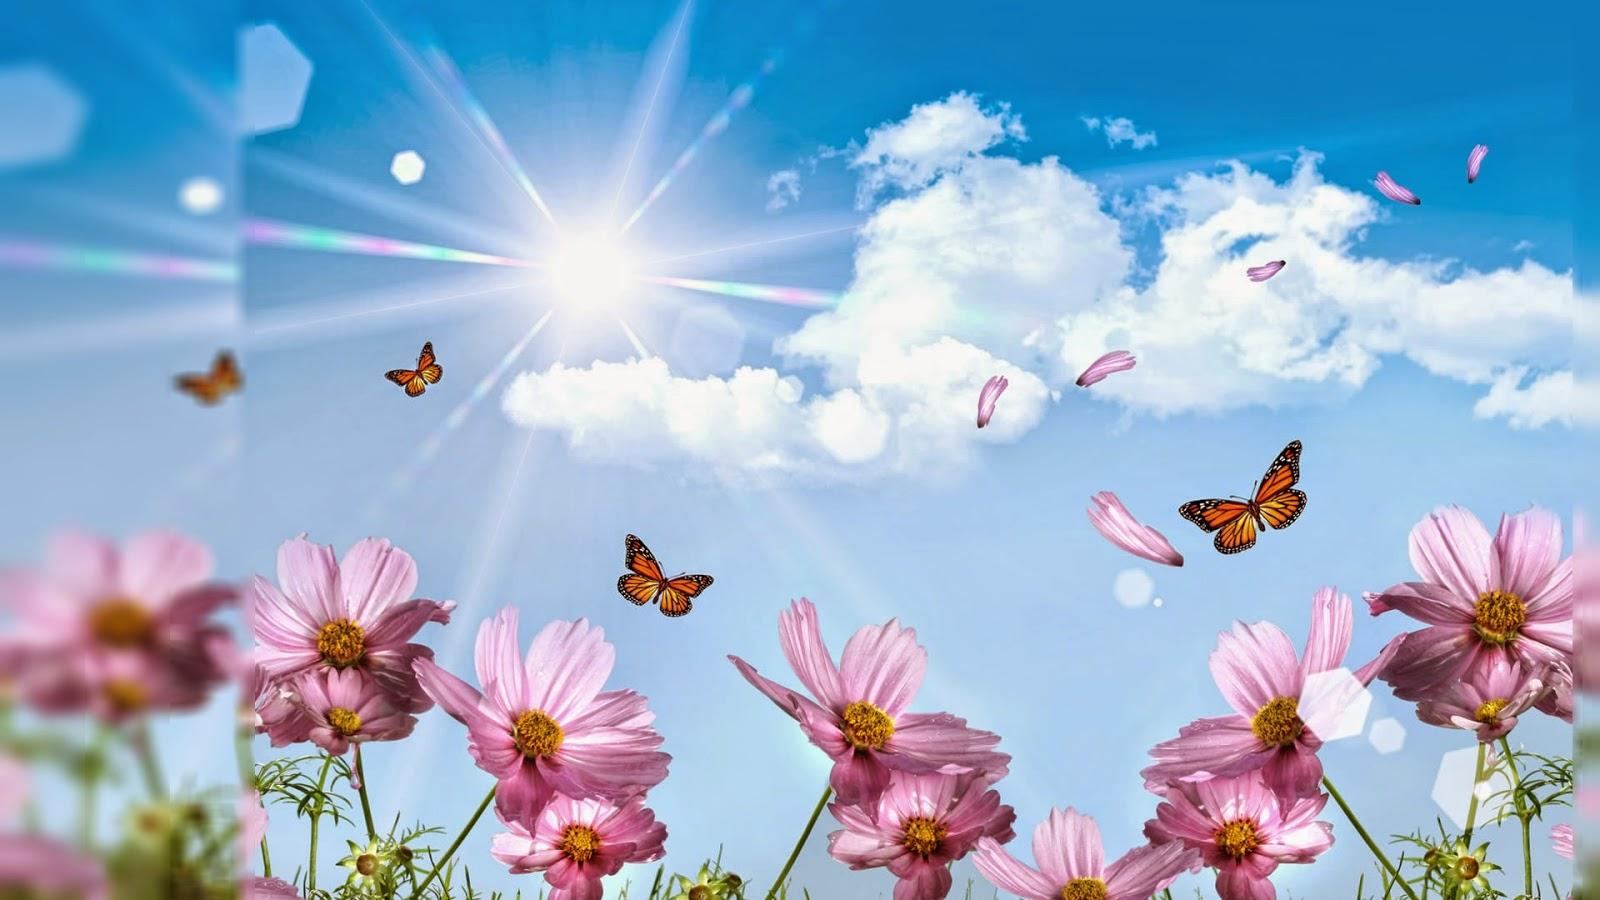 Random Lovely Flowers Wallpaper Desktop Background Full Screen 1600x900